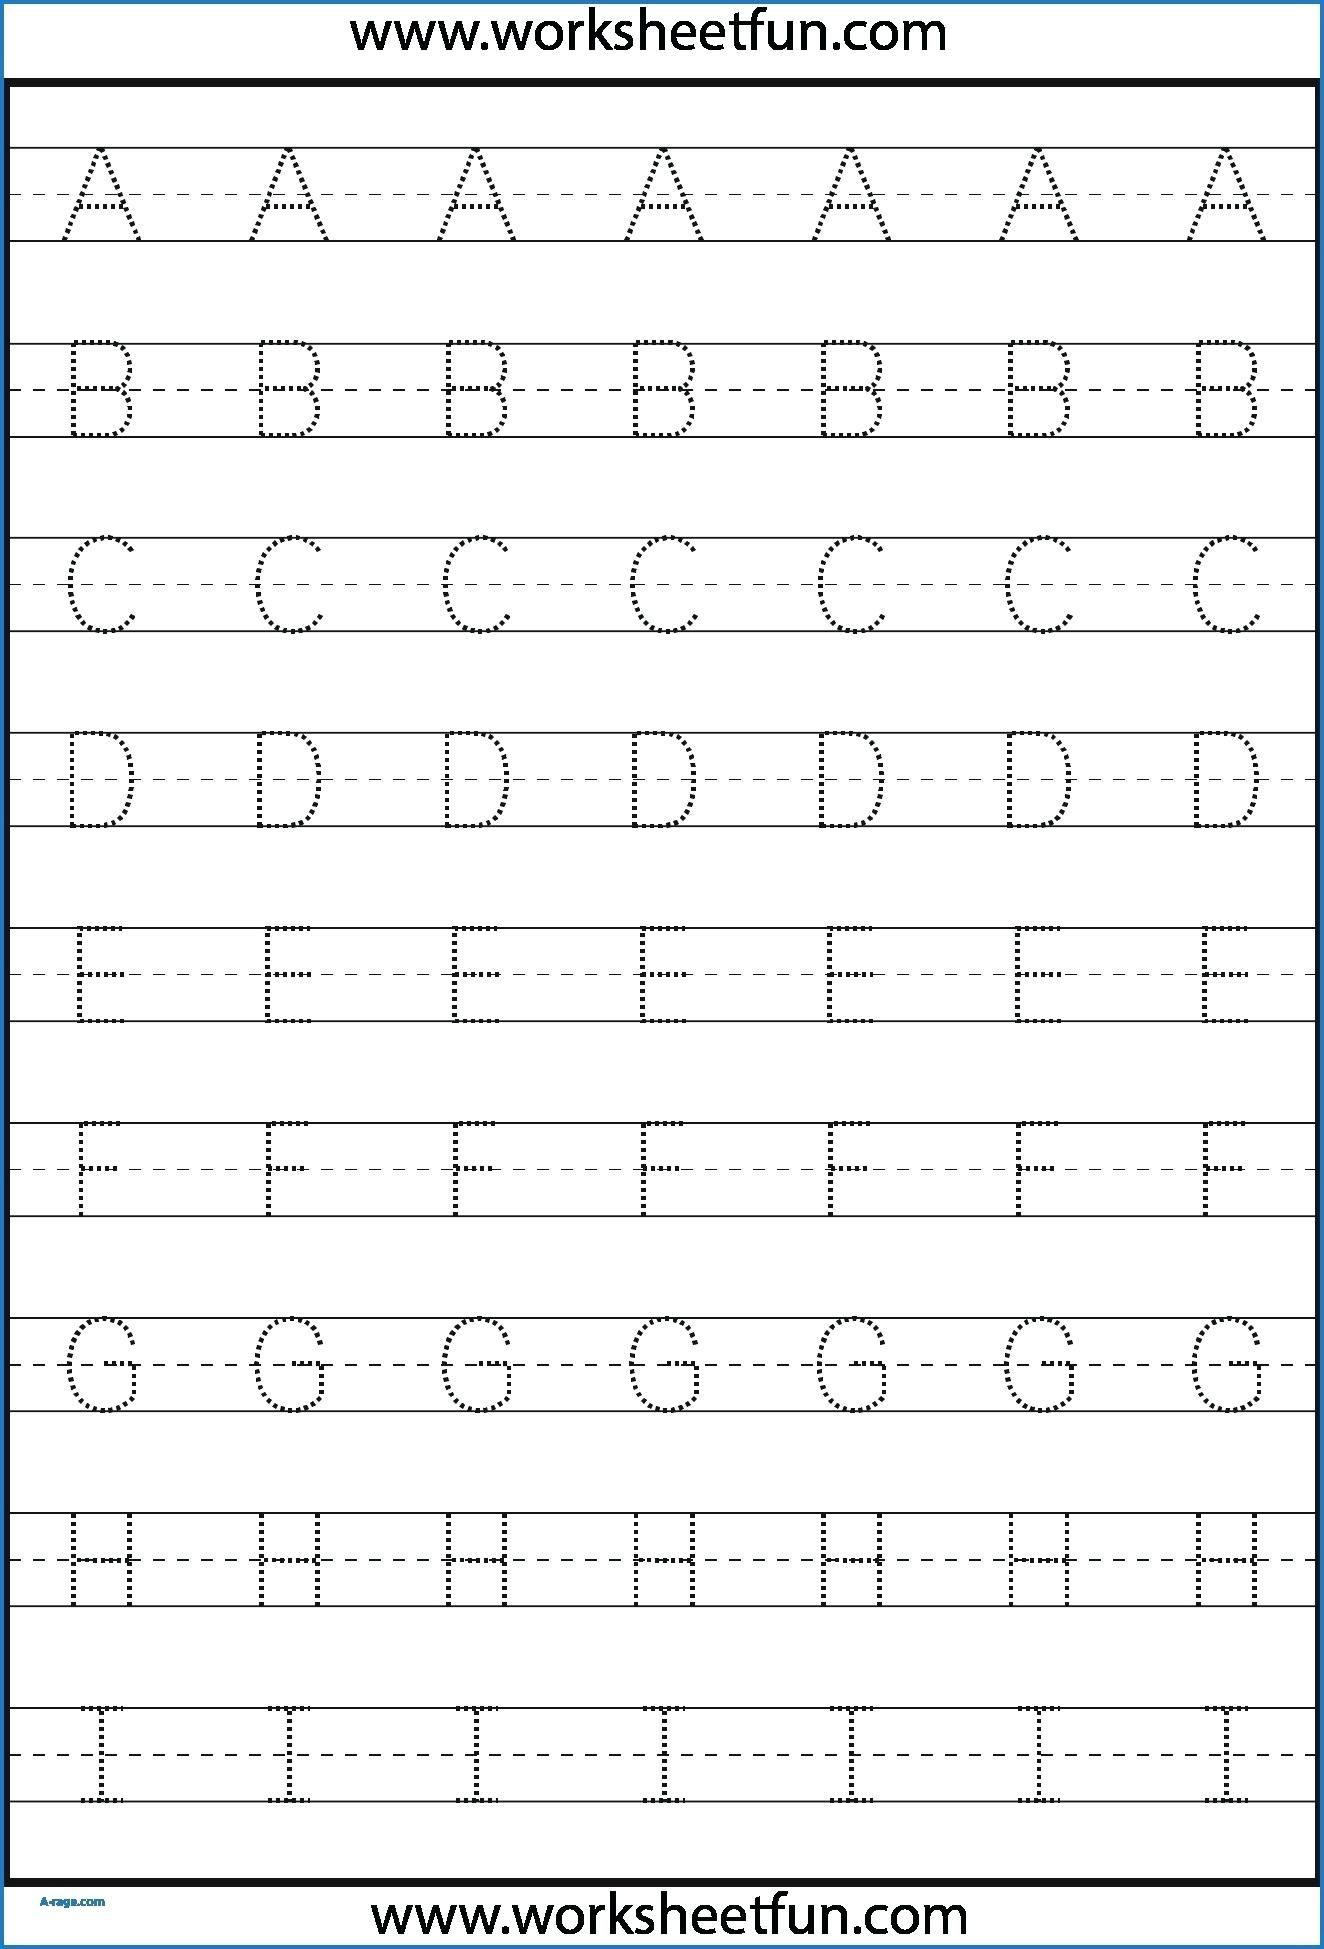 Kindergarten Letter Tracing Worksheets Pdf - Wallpaper Image within Letter A Worksheets Pdf